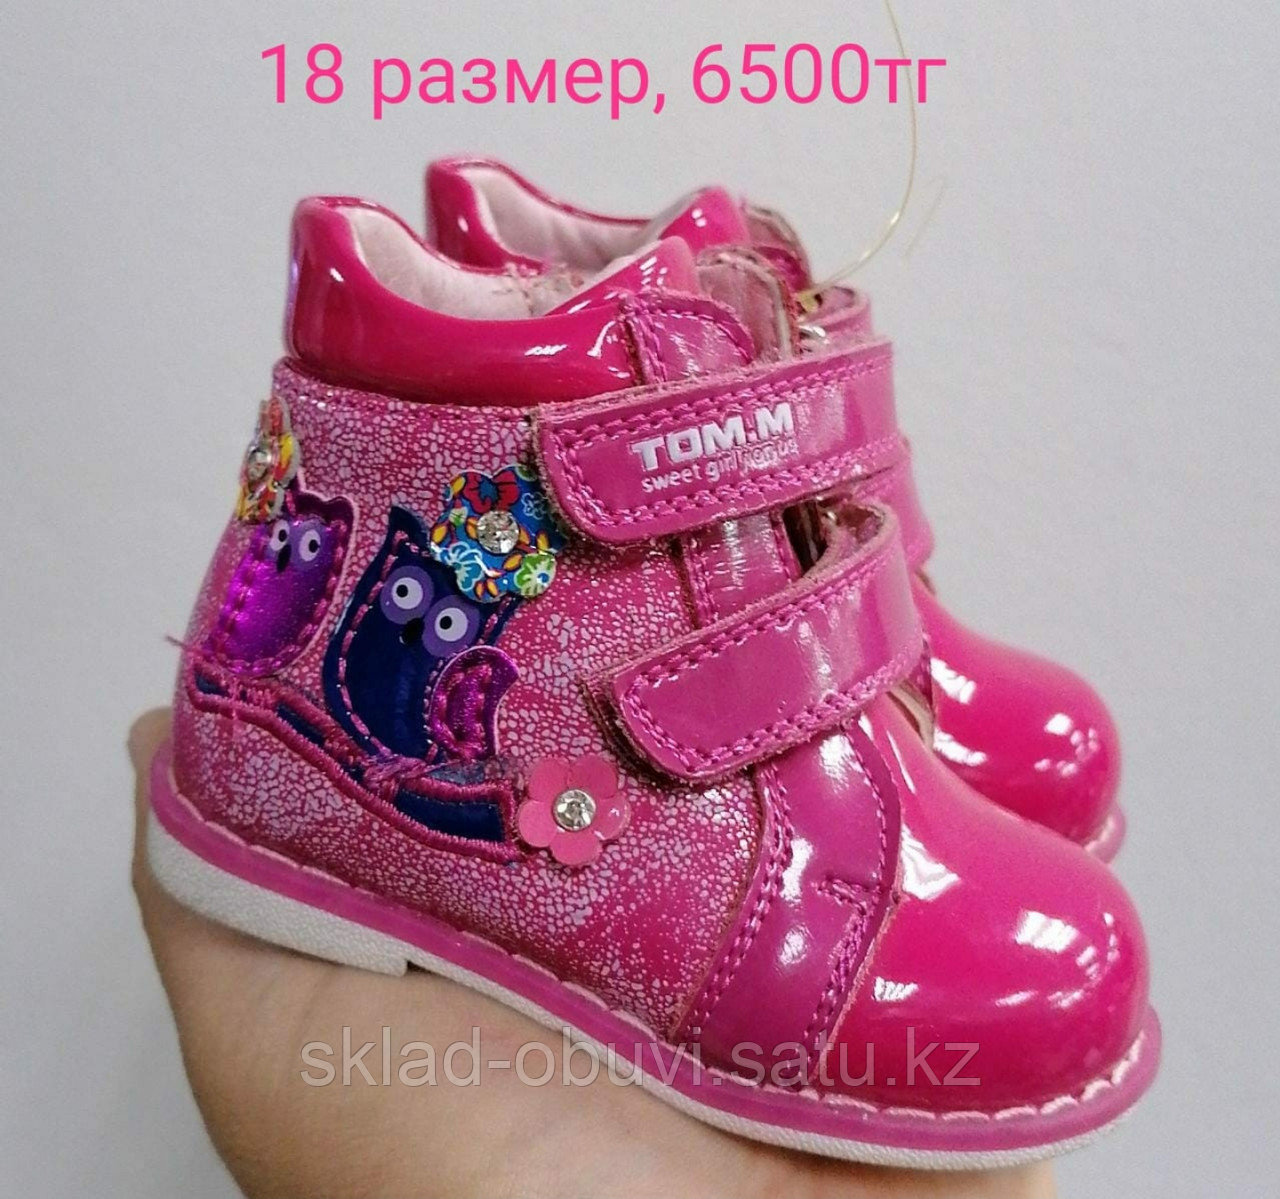 Кожаные ортопедические детские ботиночки. Распродажа со склада мелким оптом. - фото 5